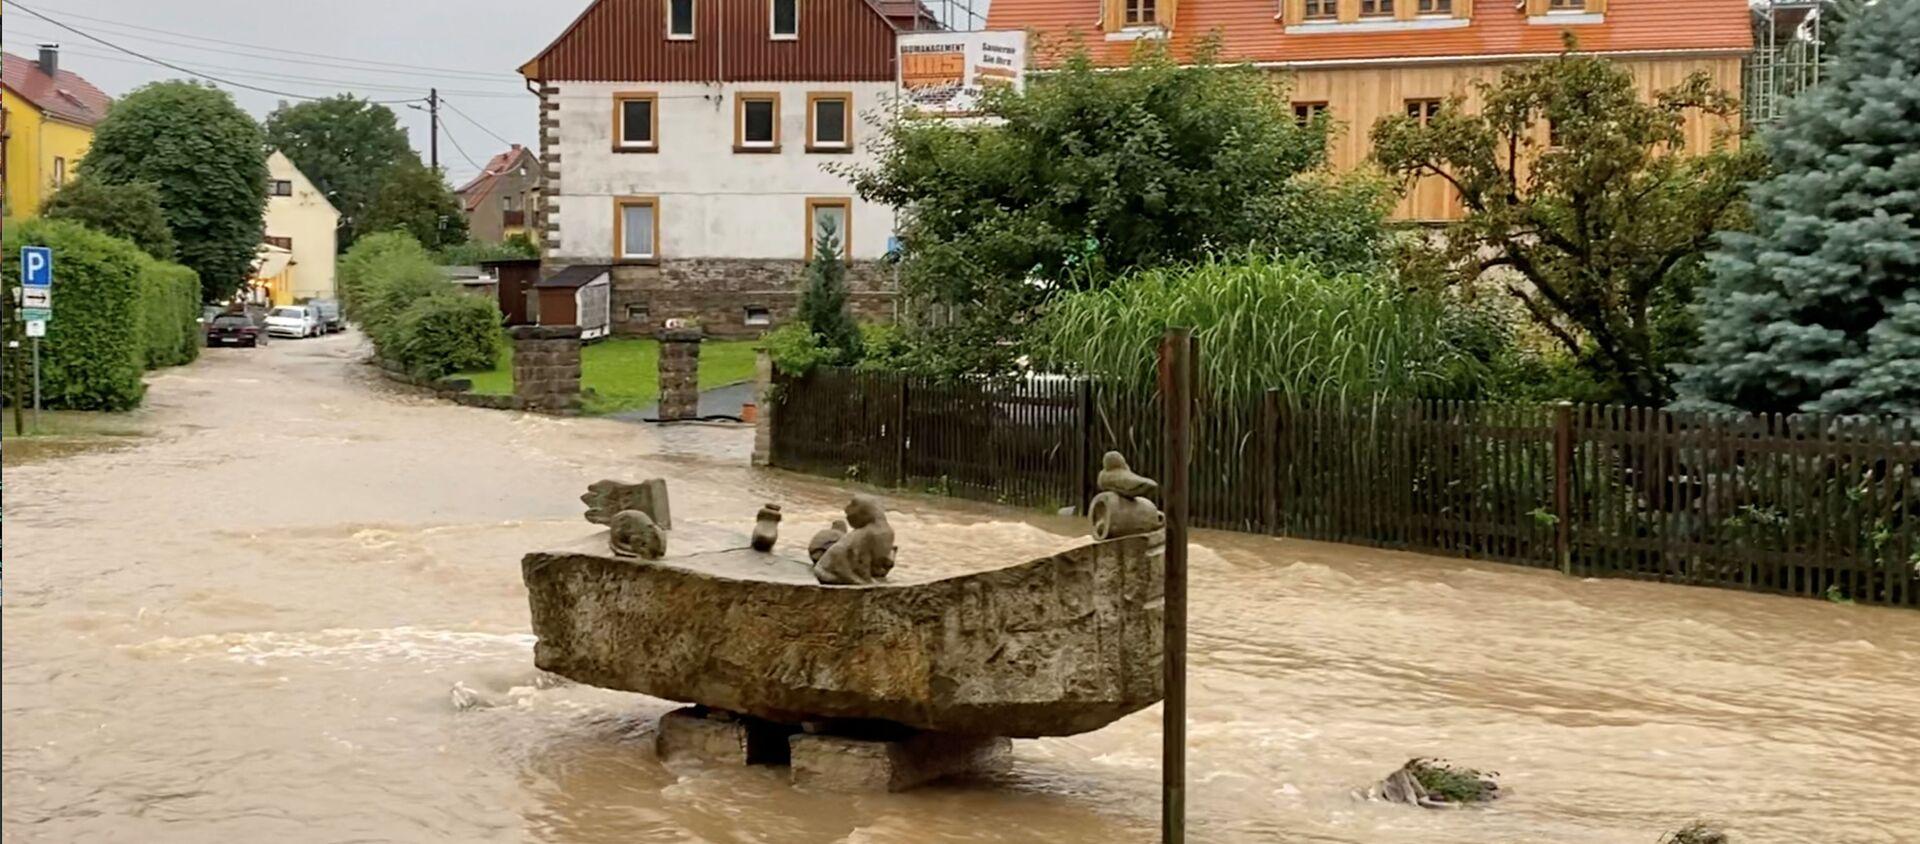 После проливных дождей в Райнхардтсдорф-Шона, Саксония, Германия, 17 июля 2021 года, паводковые воды текут по дороге. На этом снимке, сделанном 17 июля 2021 года в социальных сетях, есть видео, полученное REUTERS. - Sputnik Абхазия, 1920, 19.07.2021